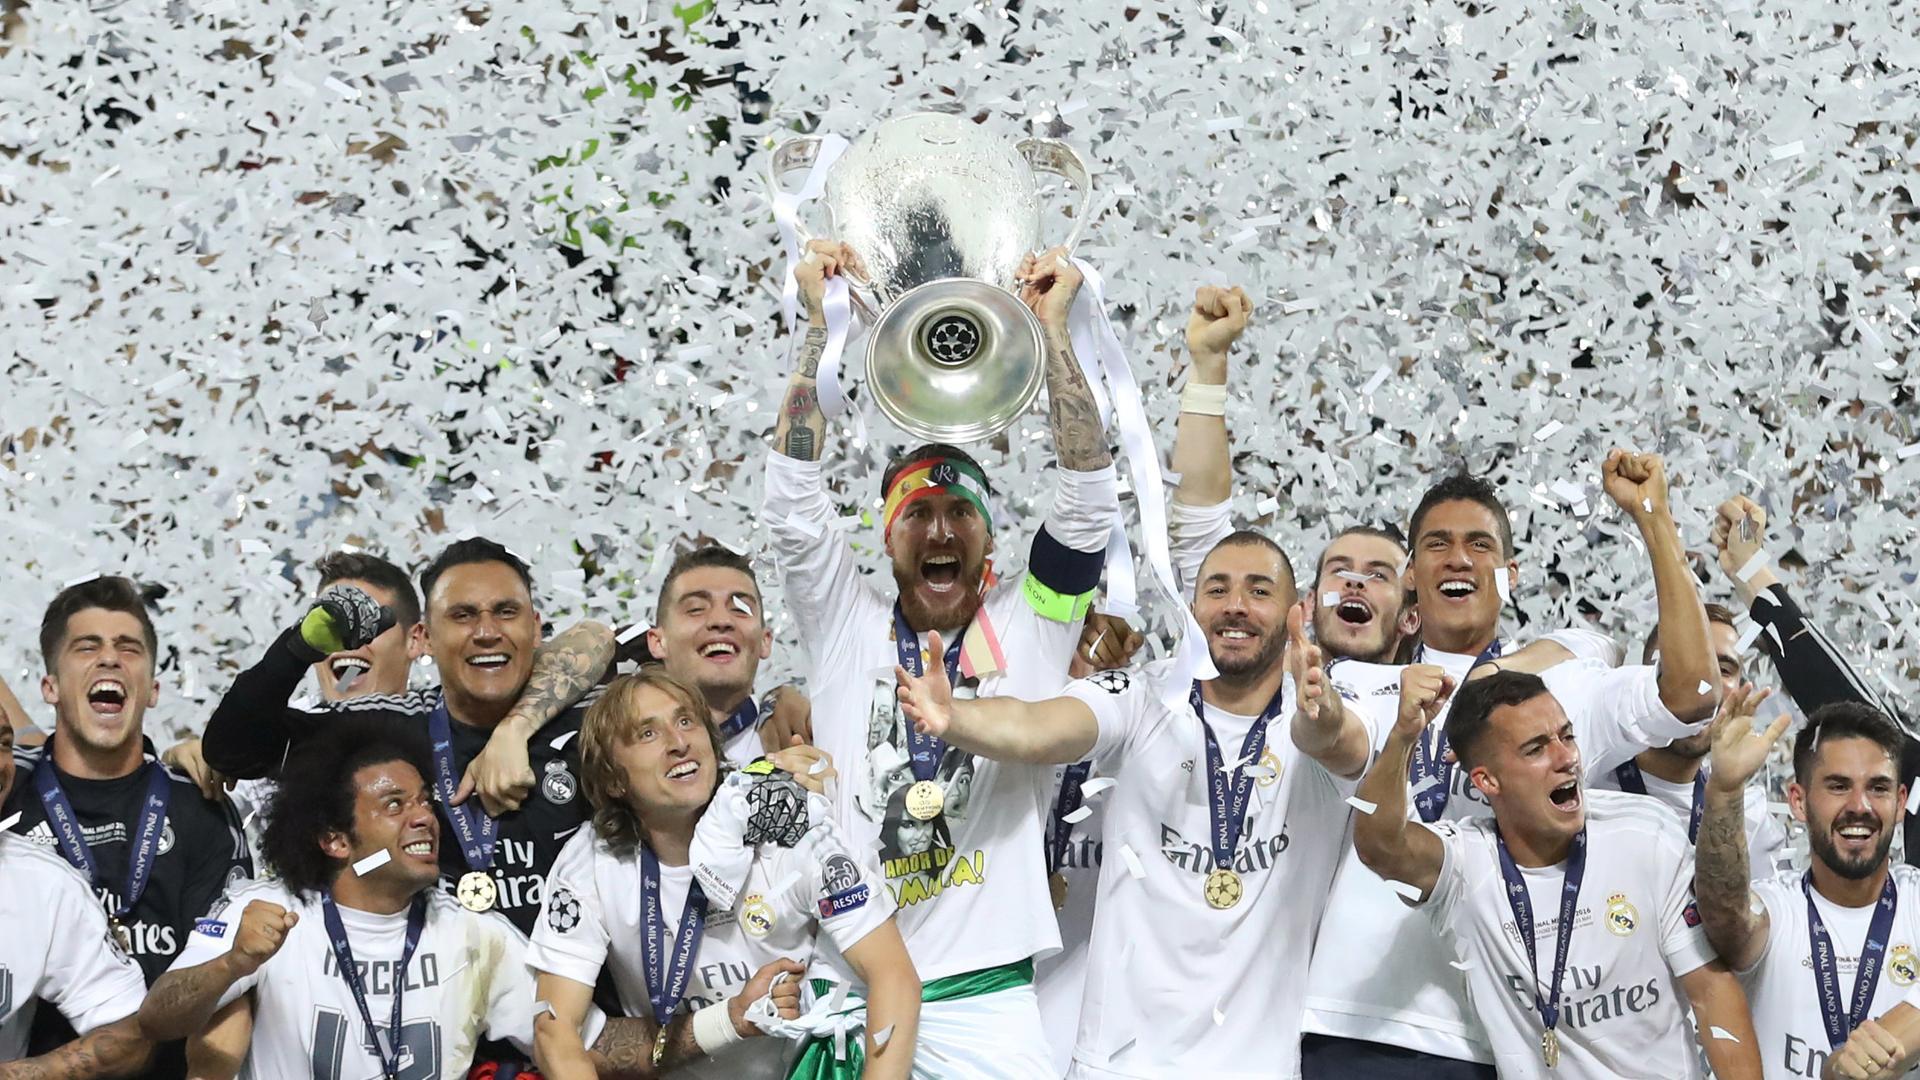 Le coup de gueule de Zidane sur les polémiques — Real Madrid